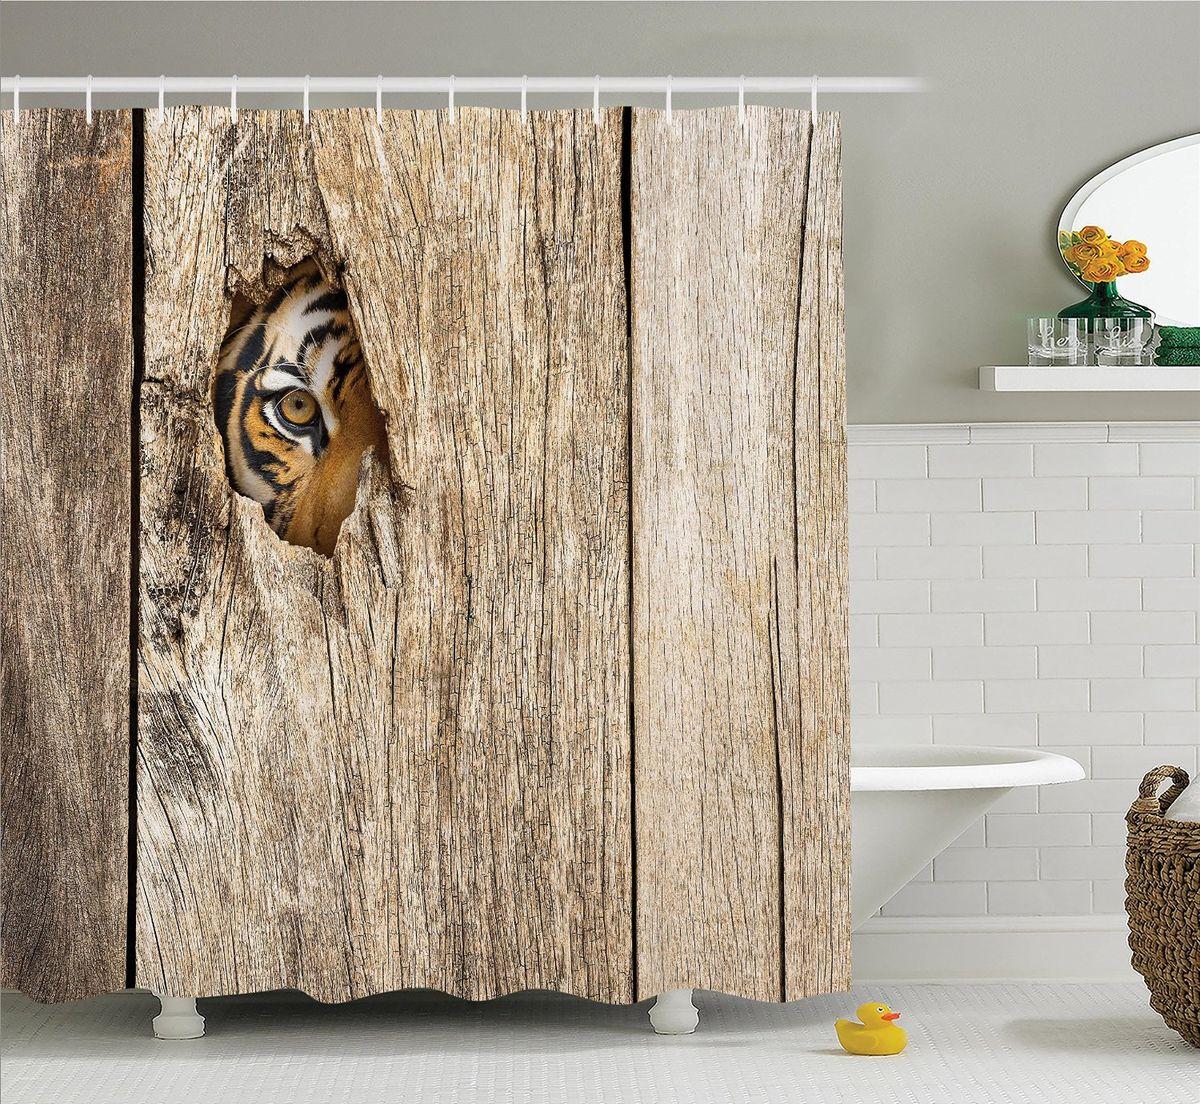 Штора для ванной комнаты Magic Lady Любопытный тигр, 180 х 200 смRG-D31SКомпания Сэмболь изготавливает шторы из высококачественного сатена (полиэстер 100%). При изготовлении используются специальные гипоаллергенные чернила для прямой печати по ткани, безопасные для человека и животных. Экологичность продукции Magic lady и безопасность для окружающей среды подтверждены сертификатом Oeko-Tex Standard 100. Крепление: крючки (12 шт.). Внимание! При нанесении сублимационной печати на ткань технологическим методом при температуре 240 С, возможно отклонение полученных размеров, указанных на этикетке и сайте, от стандартных на + - 3-5 см. Мы стараемся максимально точно передать цвета изделия на наших фотографиях, однако искажения неизбежны и фактический цвет изделия может отличаться от воспринимаемого по фото. Обратите внимание! Шторы изготовлены из полиэстра сатенового переплетения, а не из сатина (хлопок). Размер шторы 180*200 см. В комплекте 1 штора и 12 крючков.